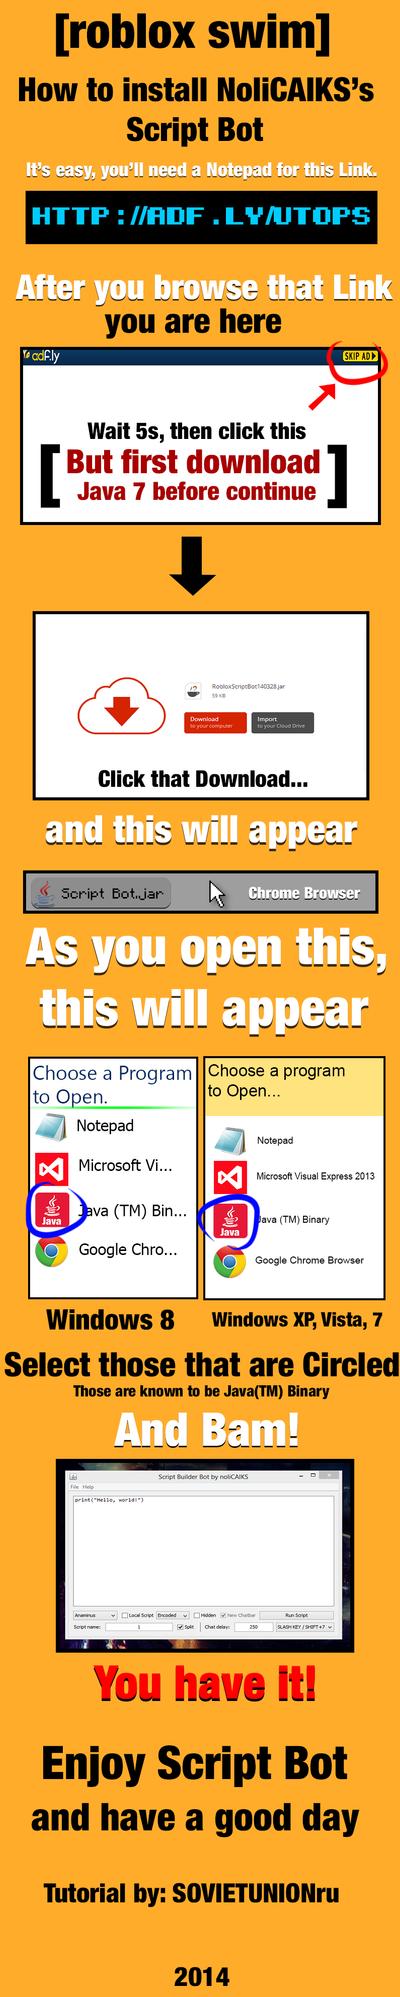 Roblox chat bot script